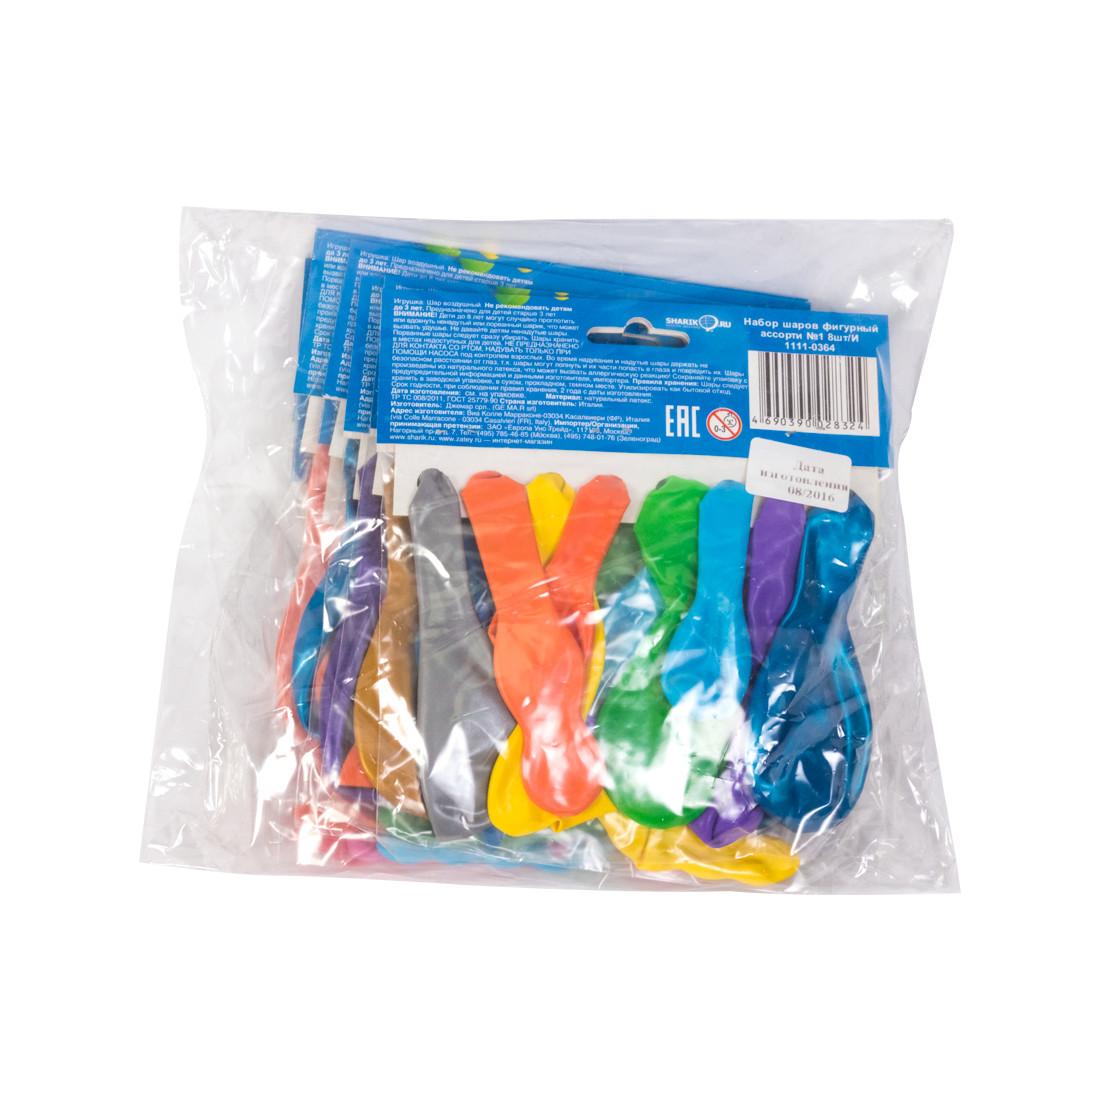 Воздушные шарики фигурные 1111-0364 (8 шт. в пакете) - фото 3